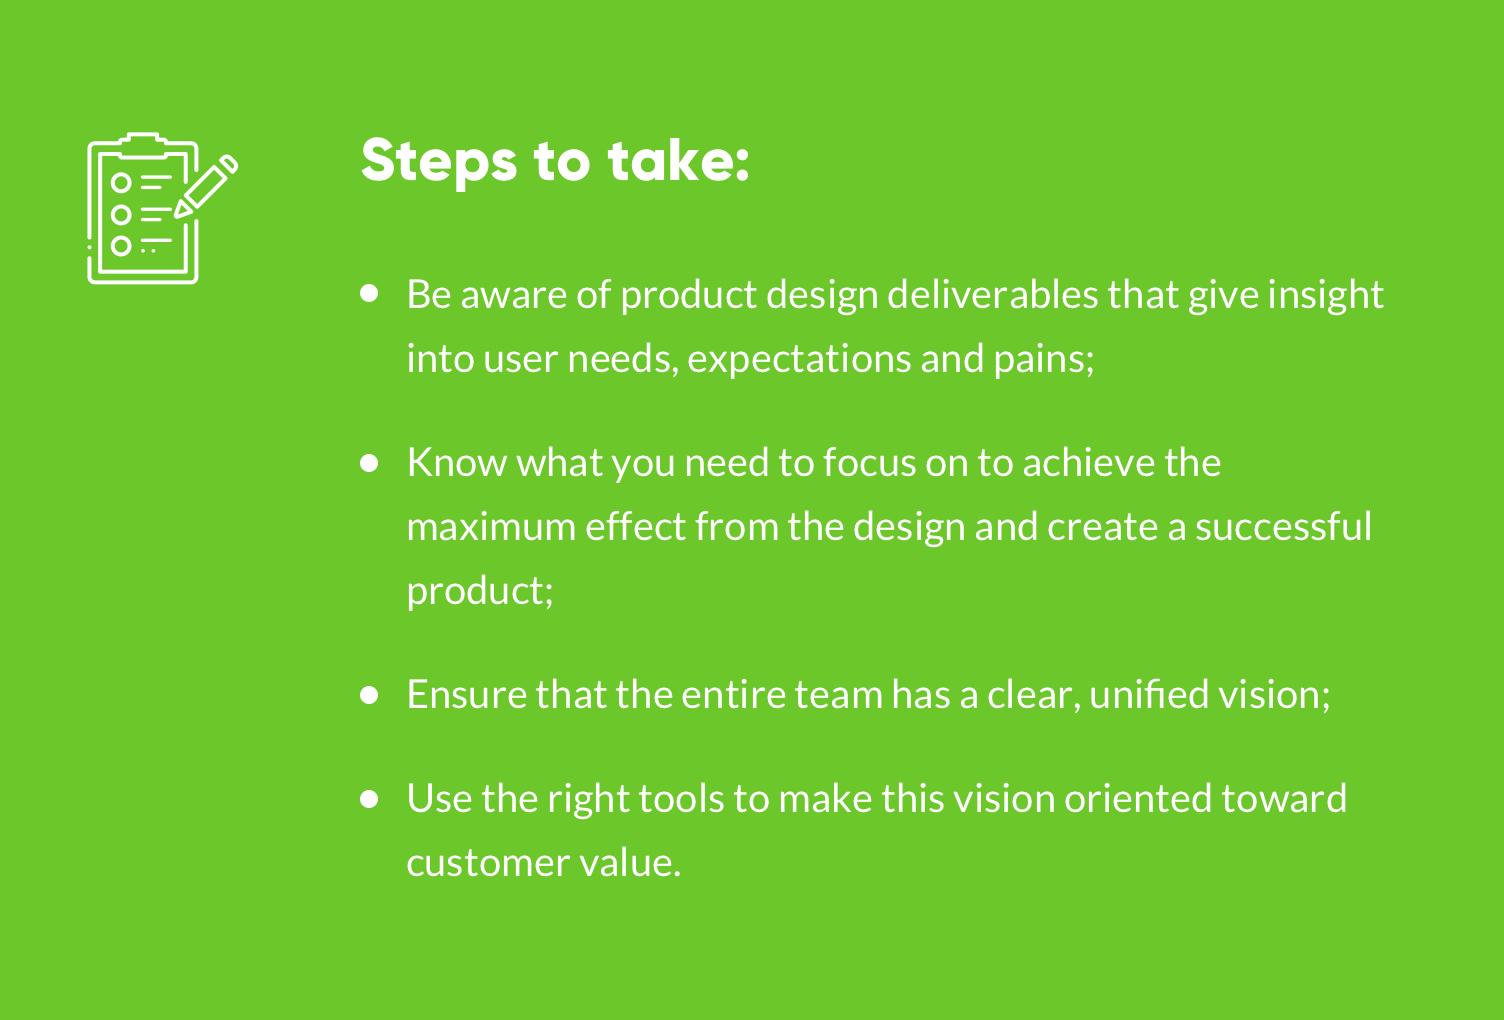 ux-design-for-banking-uxda-methodology-8-S.jpg